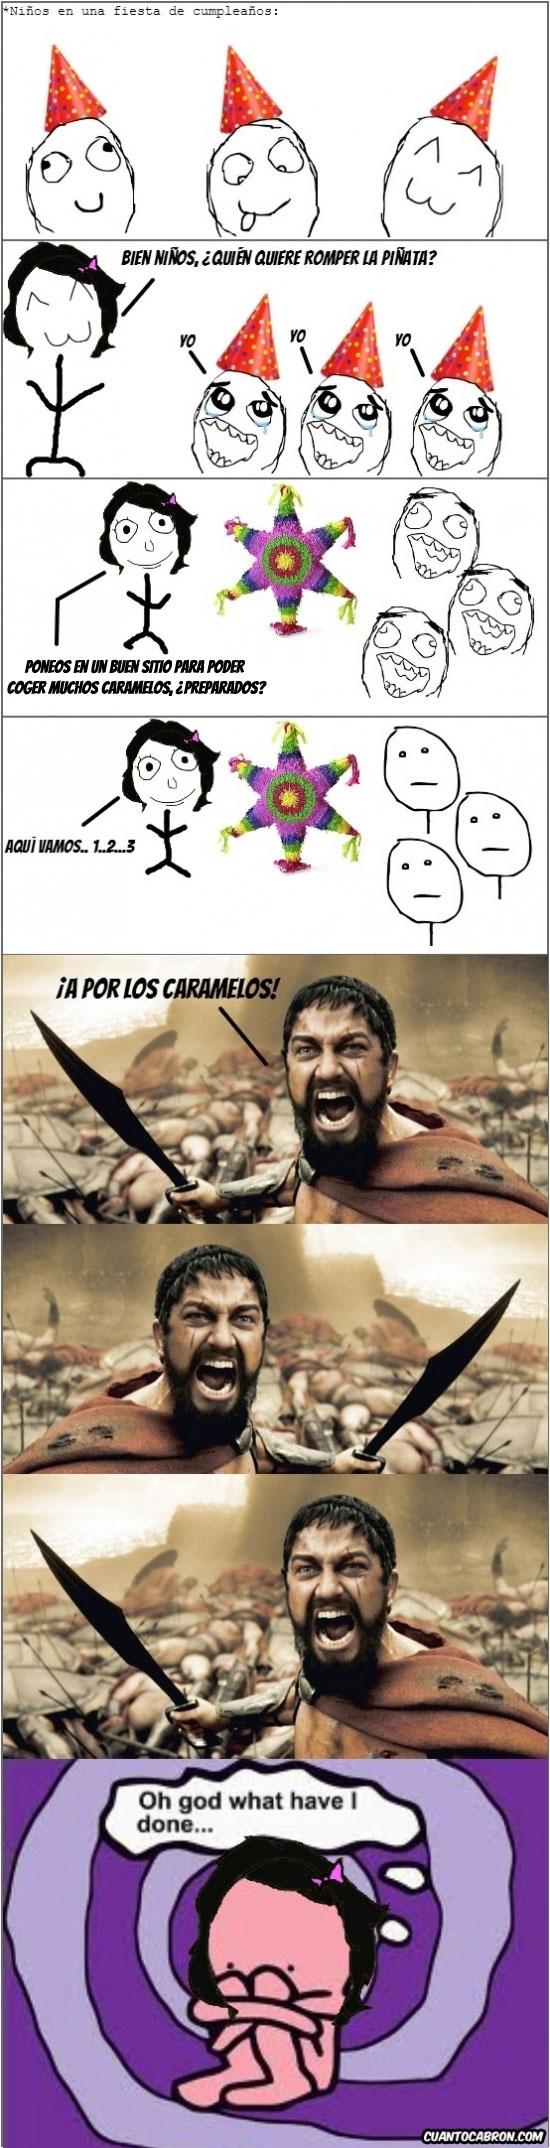 Oh_god_what_have_i_done - Las piñatas las carga el diablo